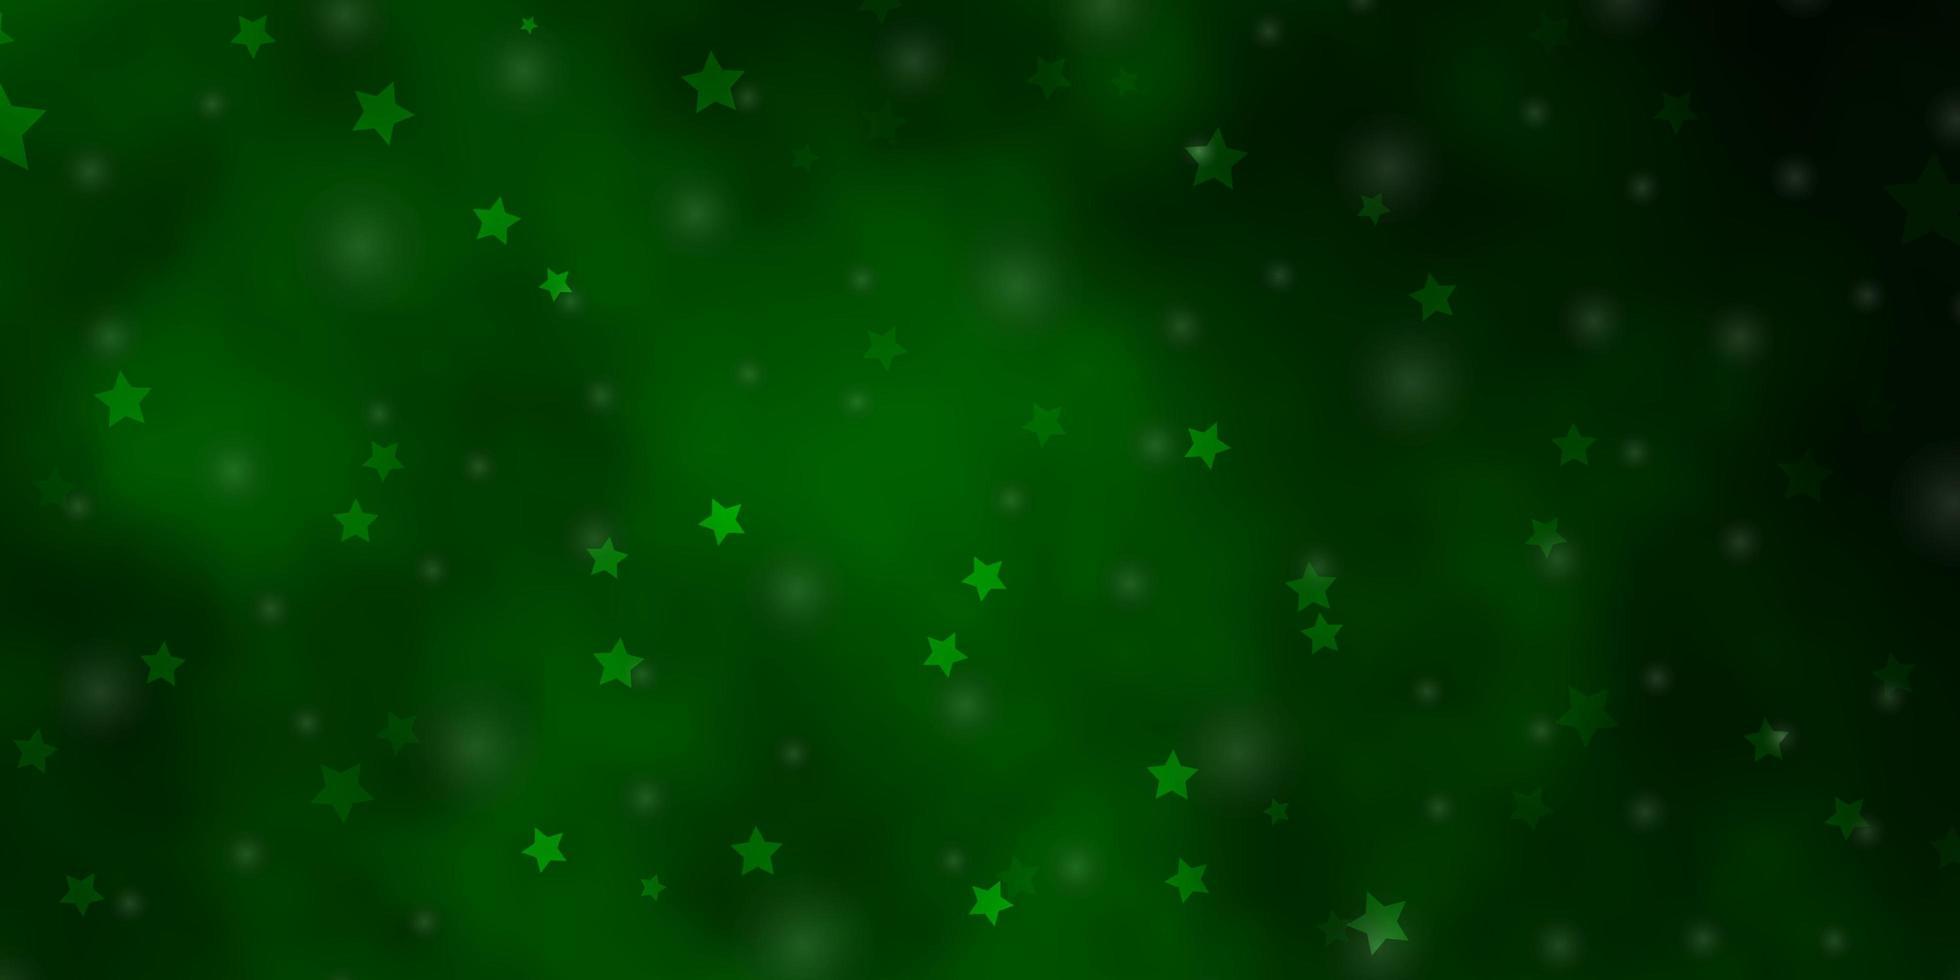 grüner Hintergrund mit bunten Sternen. vektor